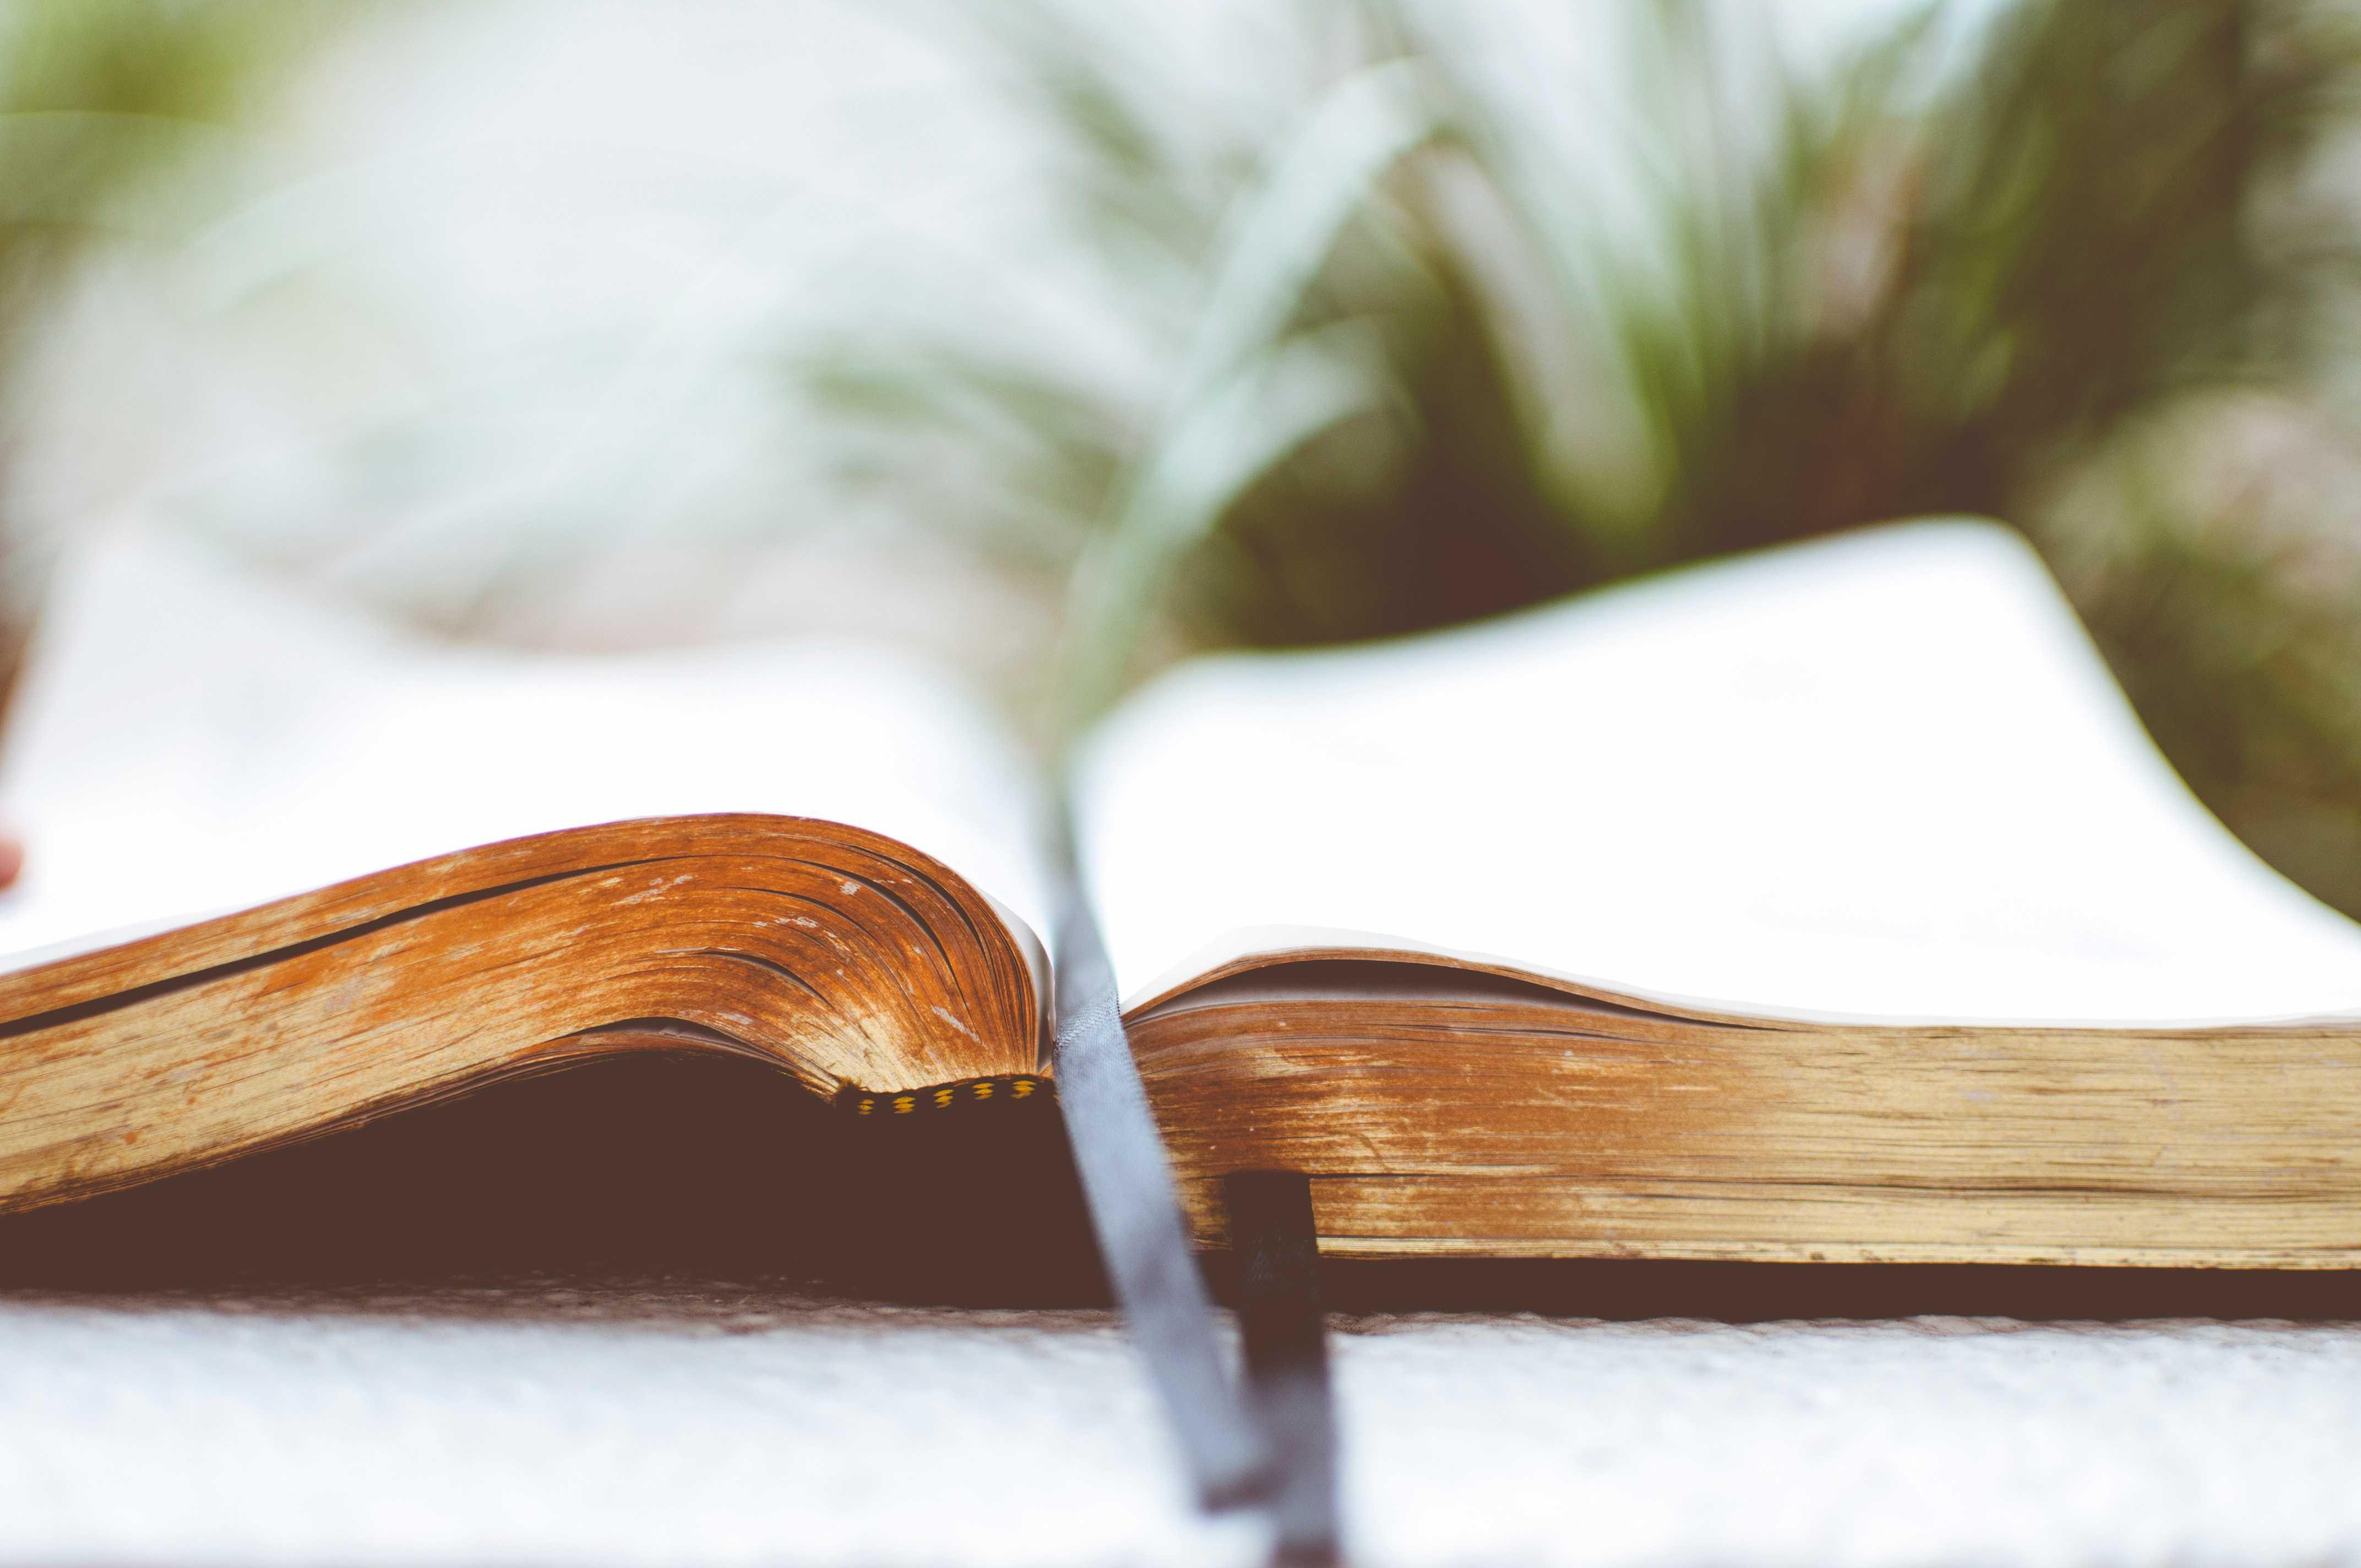 читать сильный заговор черного колдовства